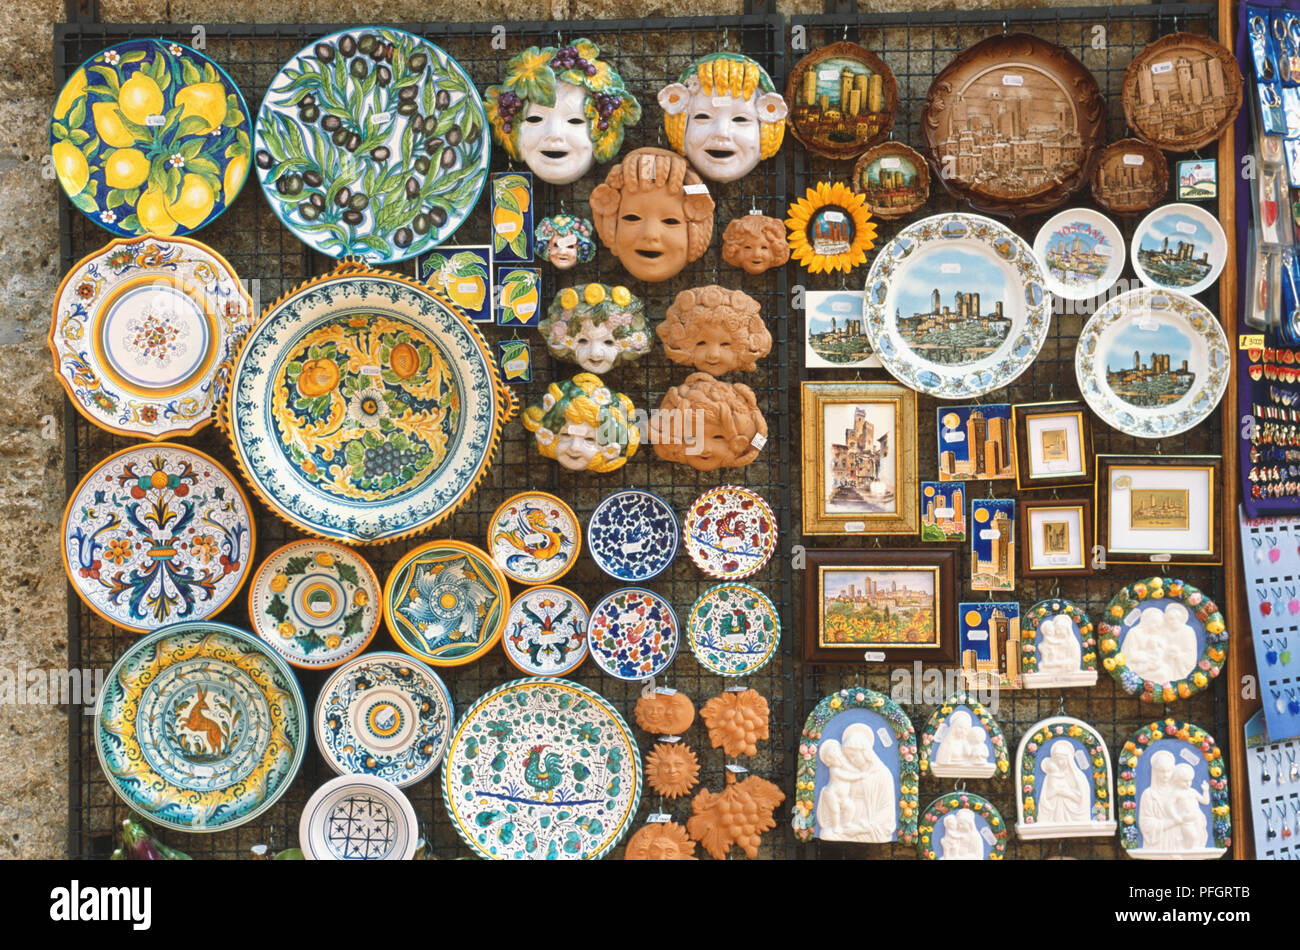 Italy, Tuscany, San Gimignano, Piazza della Cisterna, display of